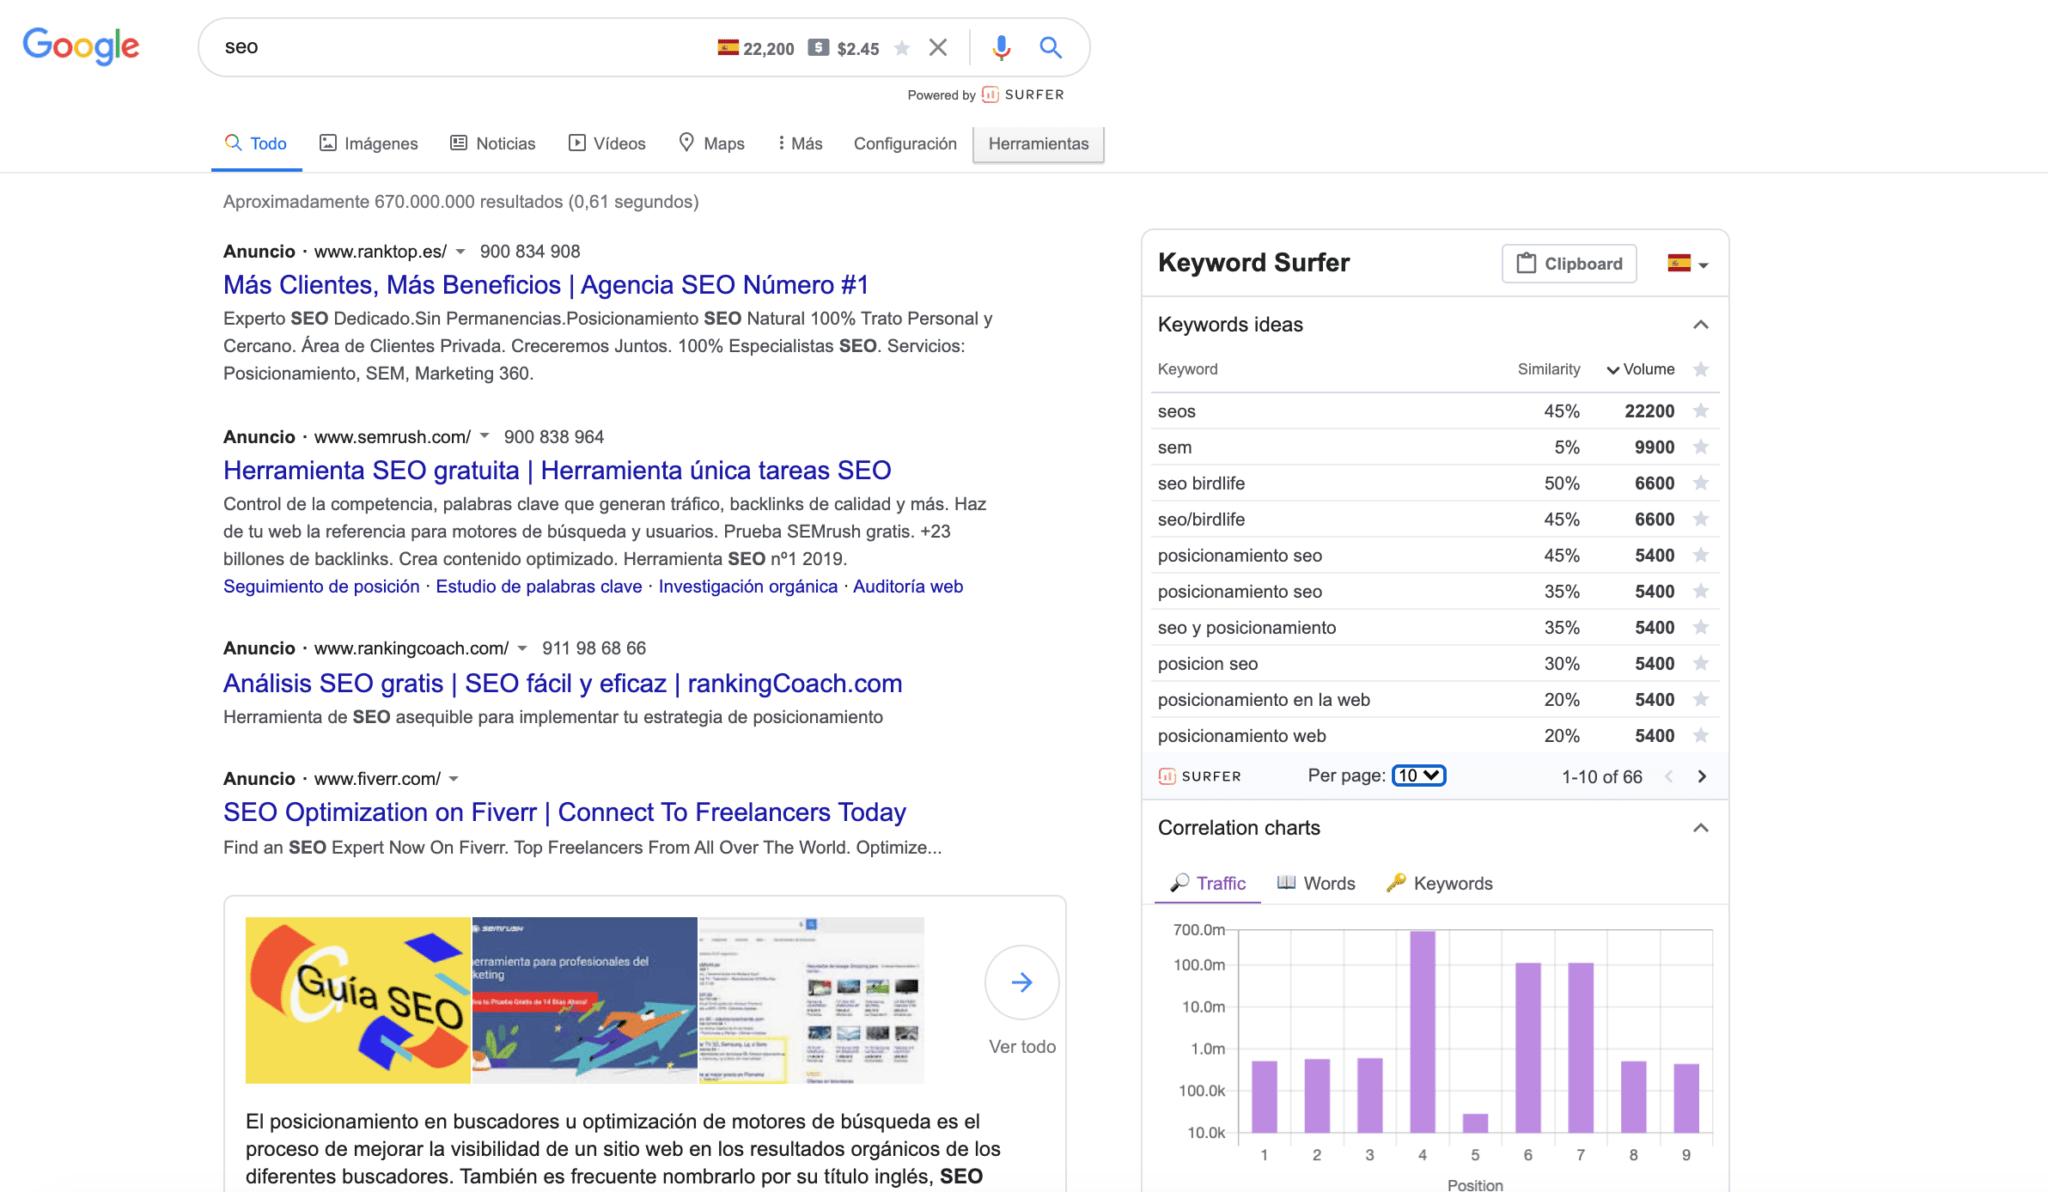 herramienta seo keyword surfer extensión de navegador para google chrome